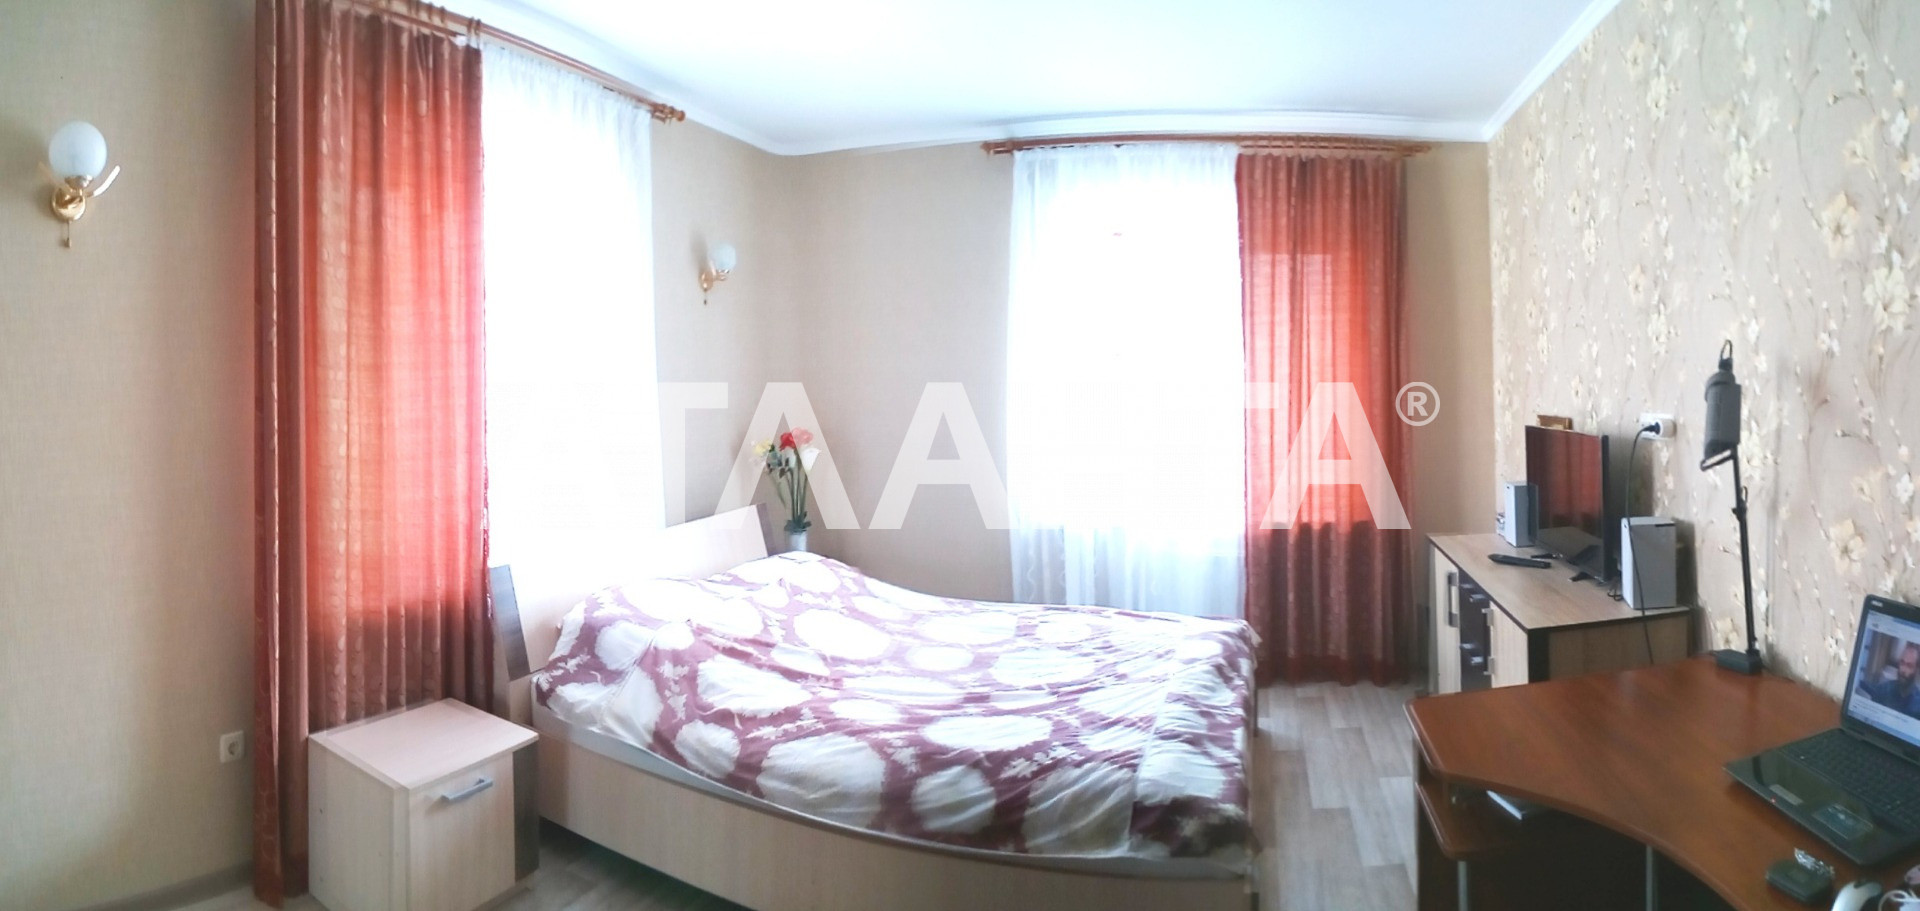 Продается 1-комнатная Квартира на ул. Марсельская — 47 000 у.е. (фото №2)